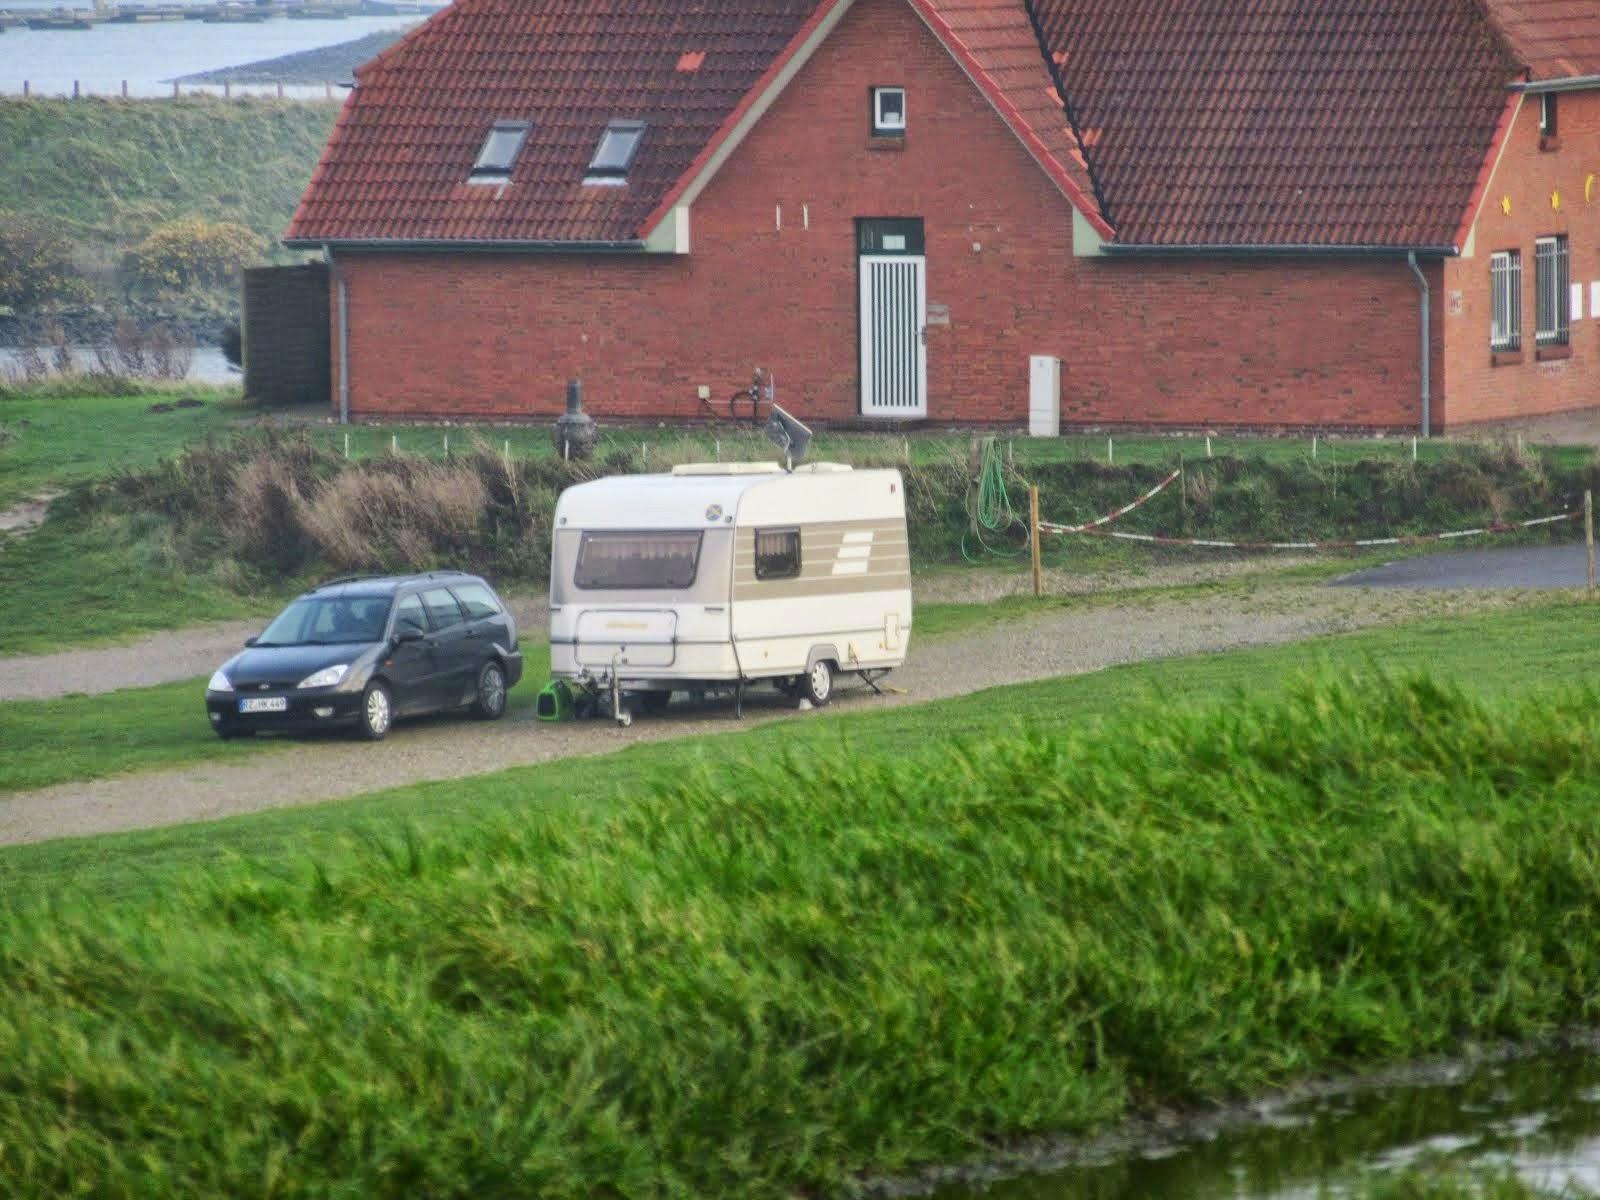 Das Caravan-Gespann